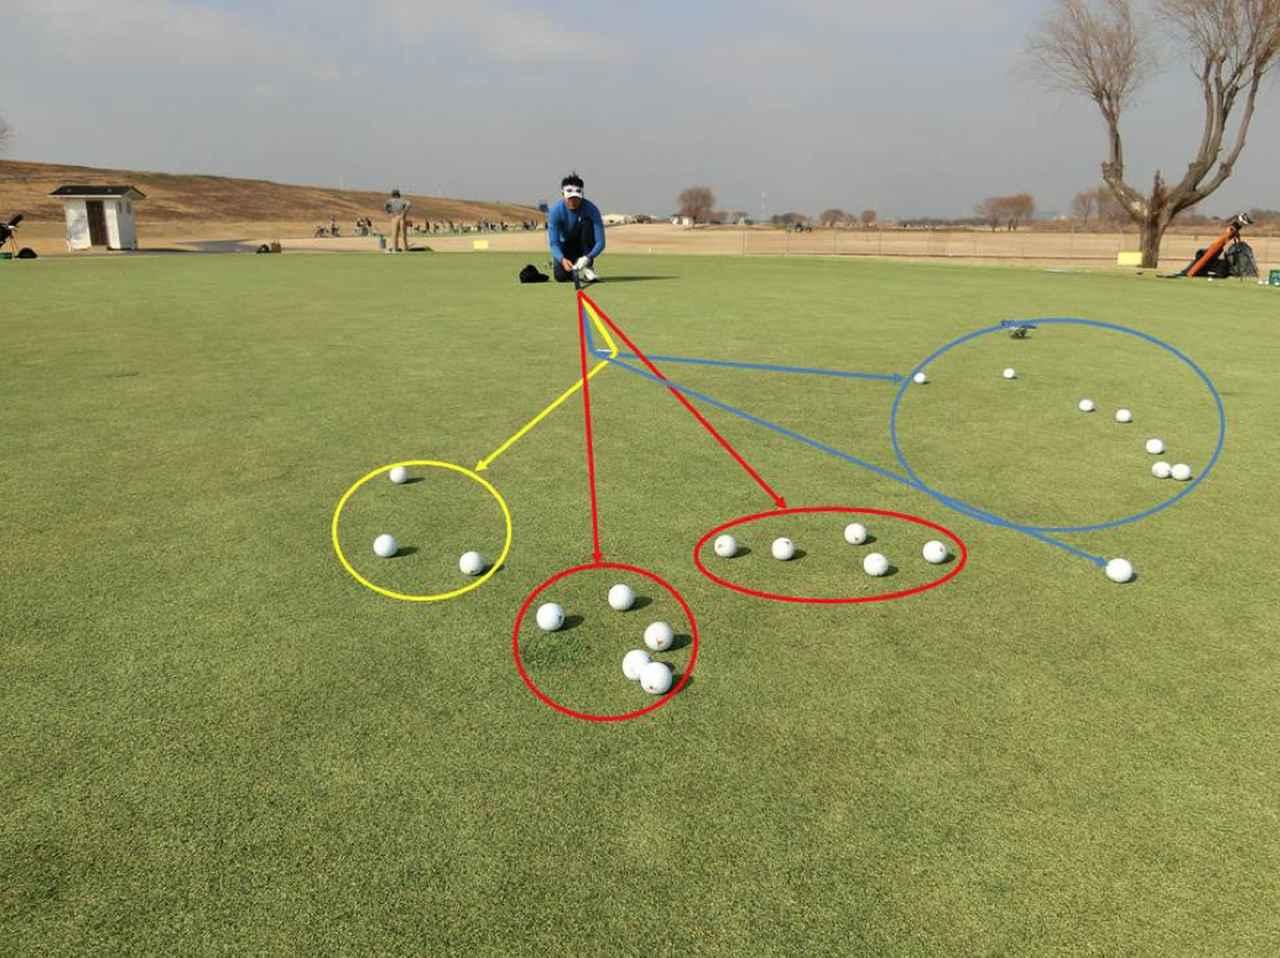 画像: 12.5フィート、2度の下り傾斜でのカップイン実験の様子。2.7メートルをオーバーする強さでも、ど真ん中を通過しようとすればホールインする。右に外れている7個(青の円)はカップ正面からみてカップ右サイド内側をなめて左へ45~80度方向へ変化したもの。手前のボール10個(赤の円)はカップに触れずカップを約2.7メートルオーバーしたもの。左側3個(黄色の円)はカップの左サイドを僅かになめて45度ほど右方向へ変化したもの。